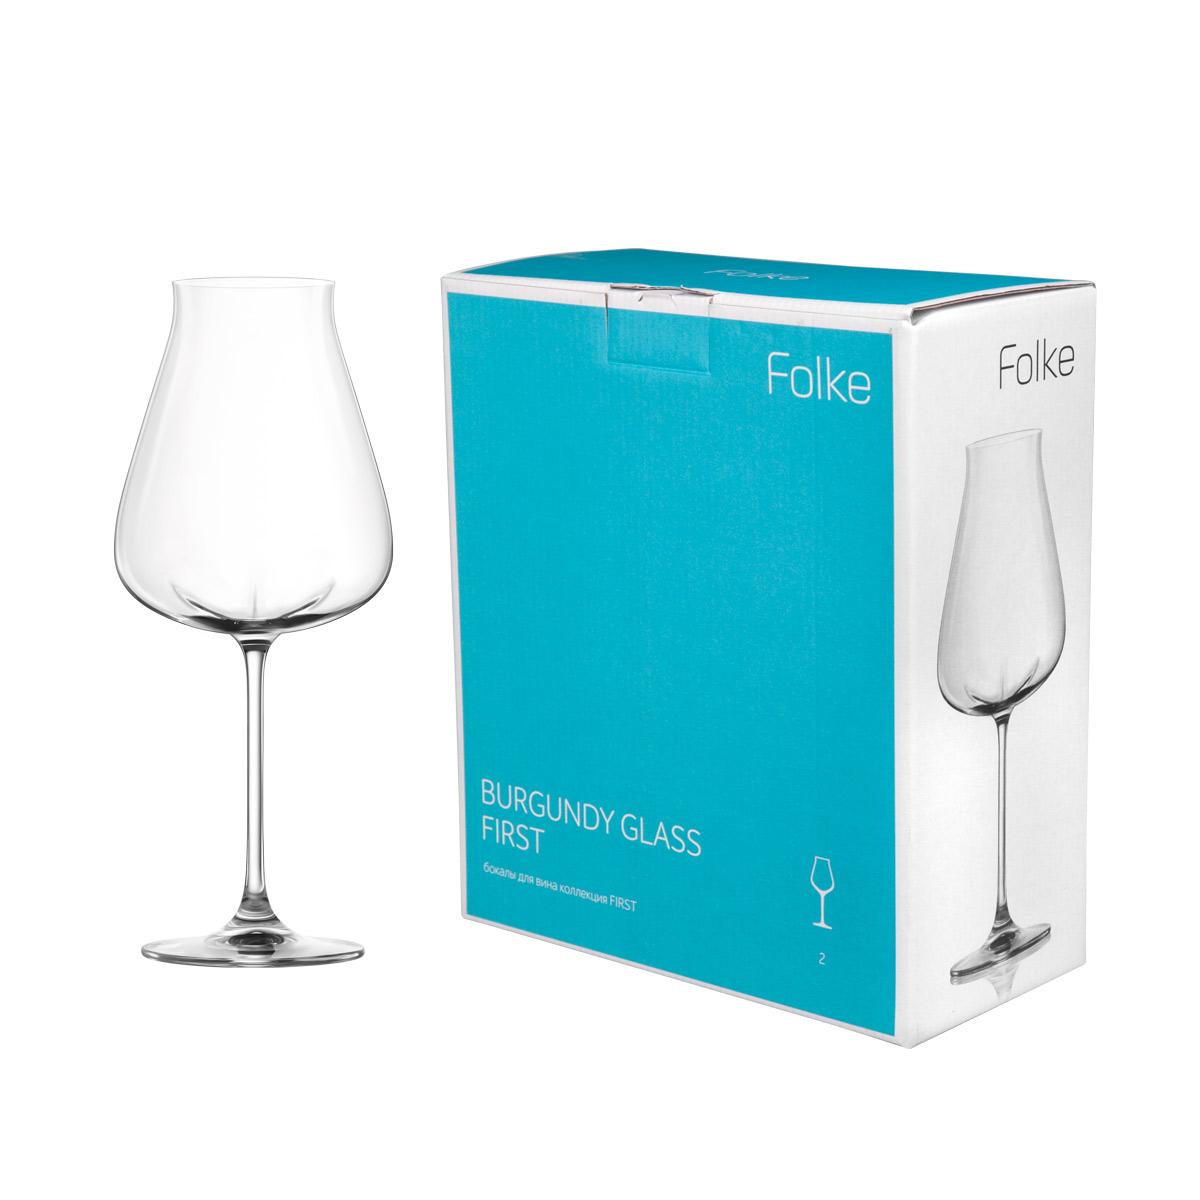 Набор бокалов для вина Folke Burgundy Glass, 700 мл, 2 предмета. 2007176U2007176UКоллекция First- это бокалы из бессвинцового хрусталя высшего качества. Наша продукция отличается исключительной чистотой и повышенной устойчивостью к механическим повреждениям. Улучшенные характеристики изделий позволяют использовать их повседневно в домашних условиях и в ресторанном бизнесе. Оригинальный дизайн позволяет любому напитку полностью раскрыться и заиграть новыми красками. Это поистине уникальное творение современных технологий и многолетнего опыта лучших мировых сомелье.